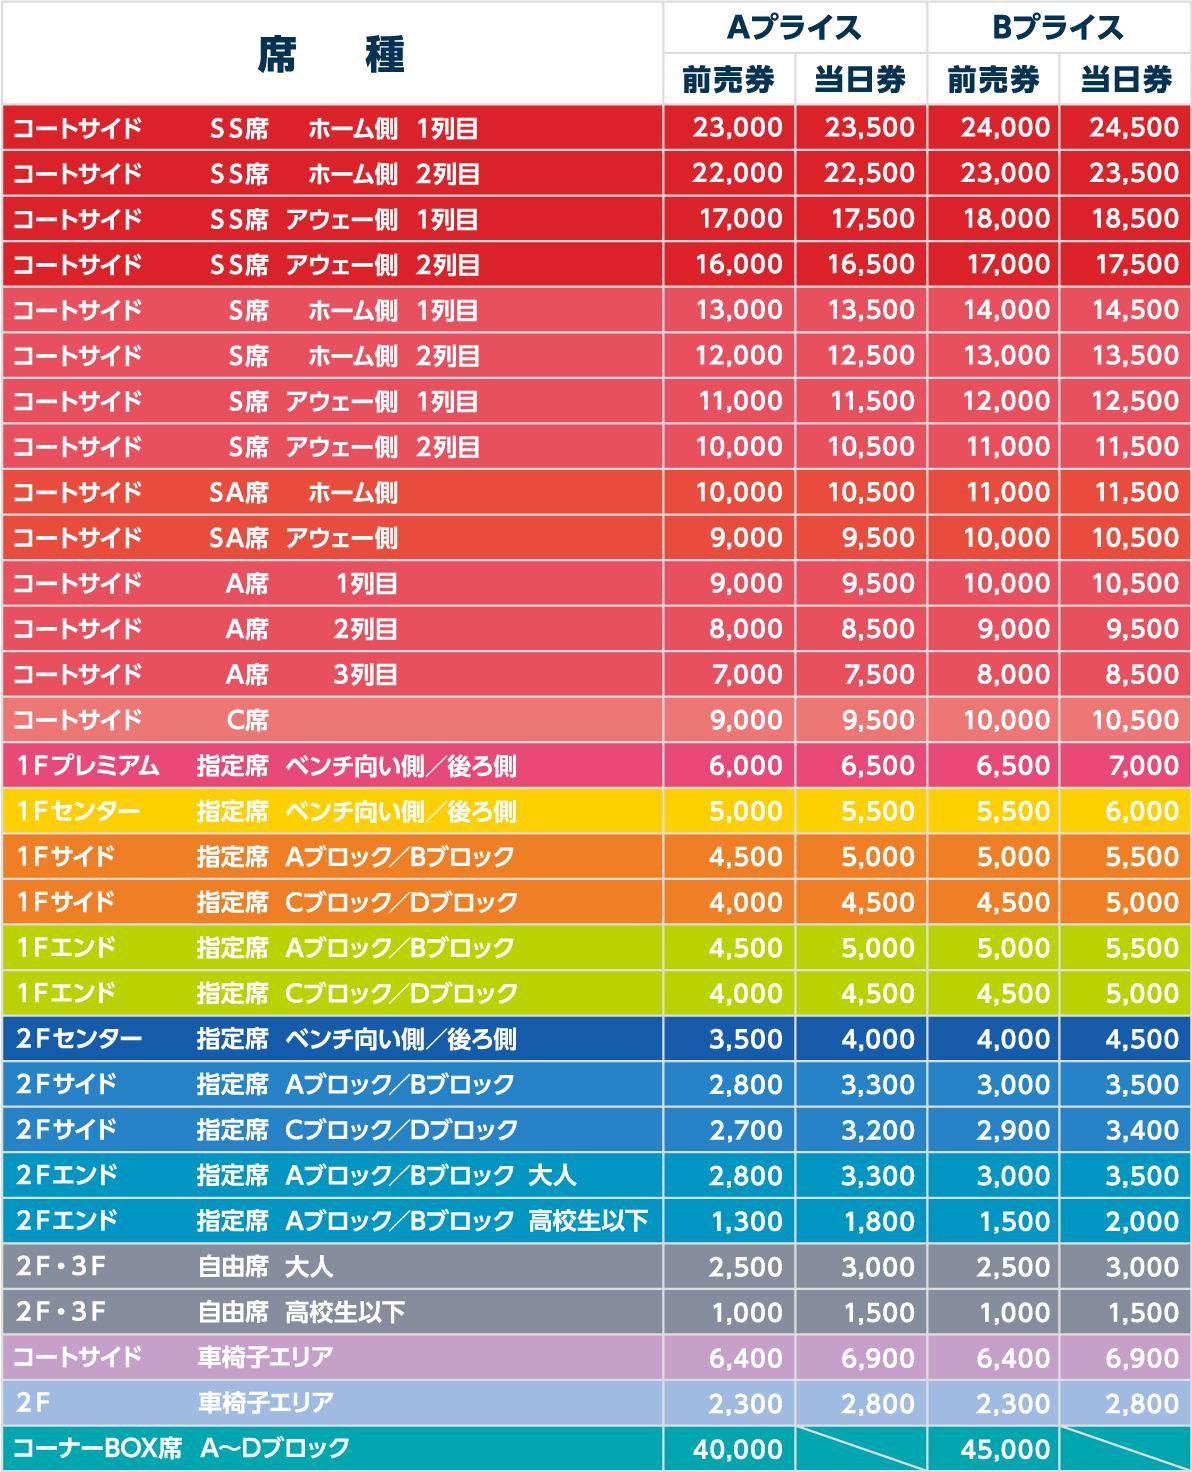 ブレックスアリーナ宇都宮 価格表